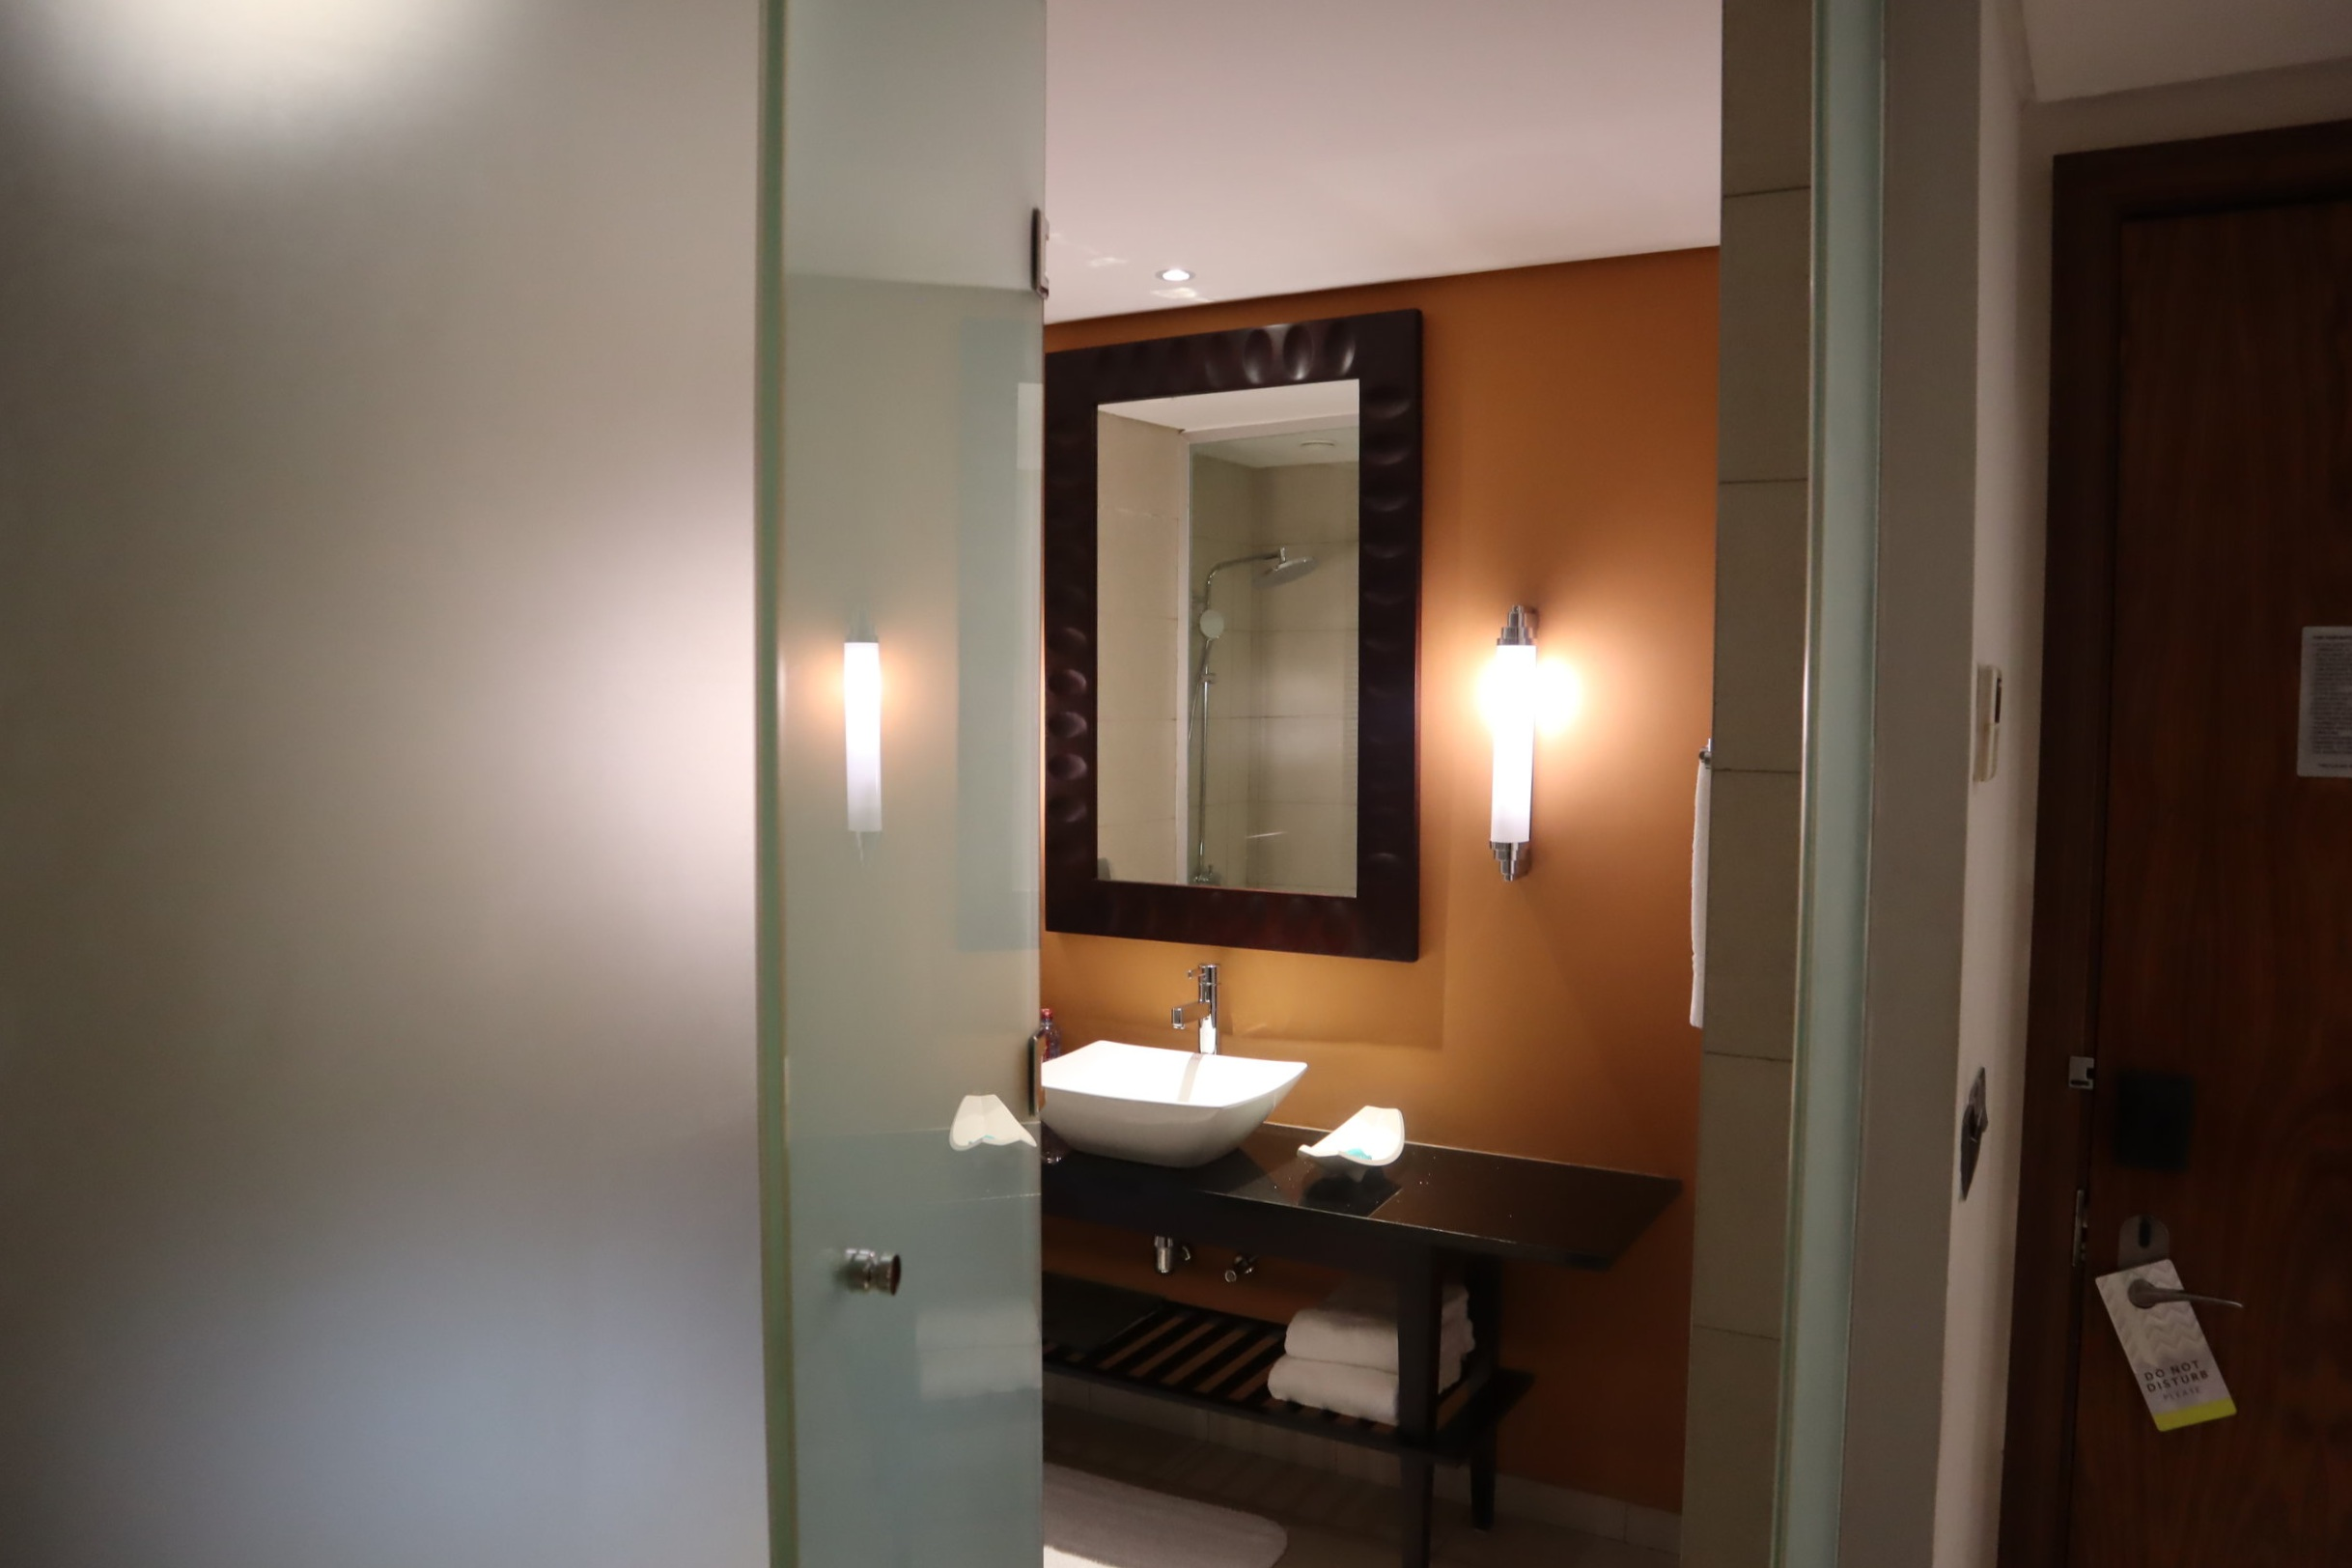 Marriott Accra – Bathroom